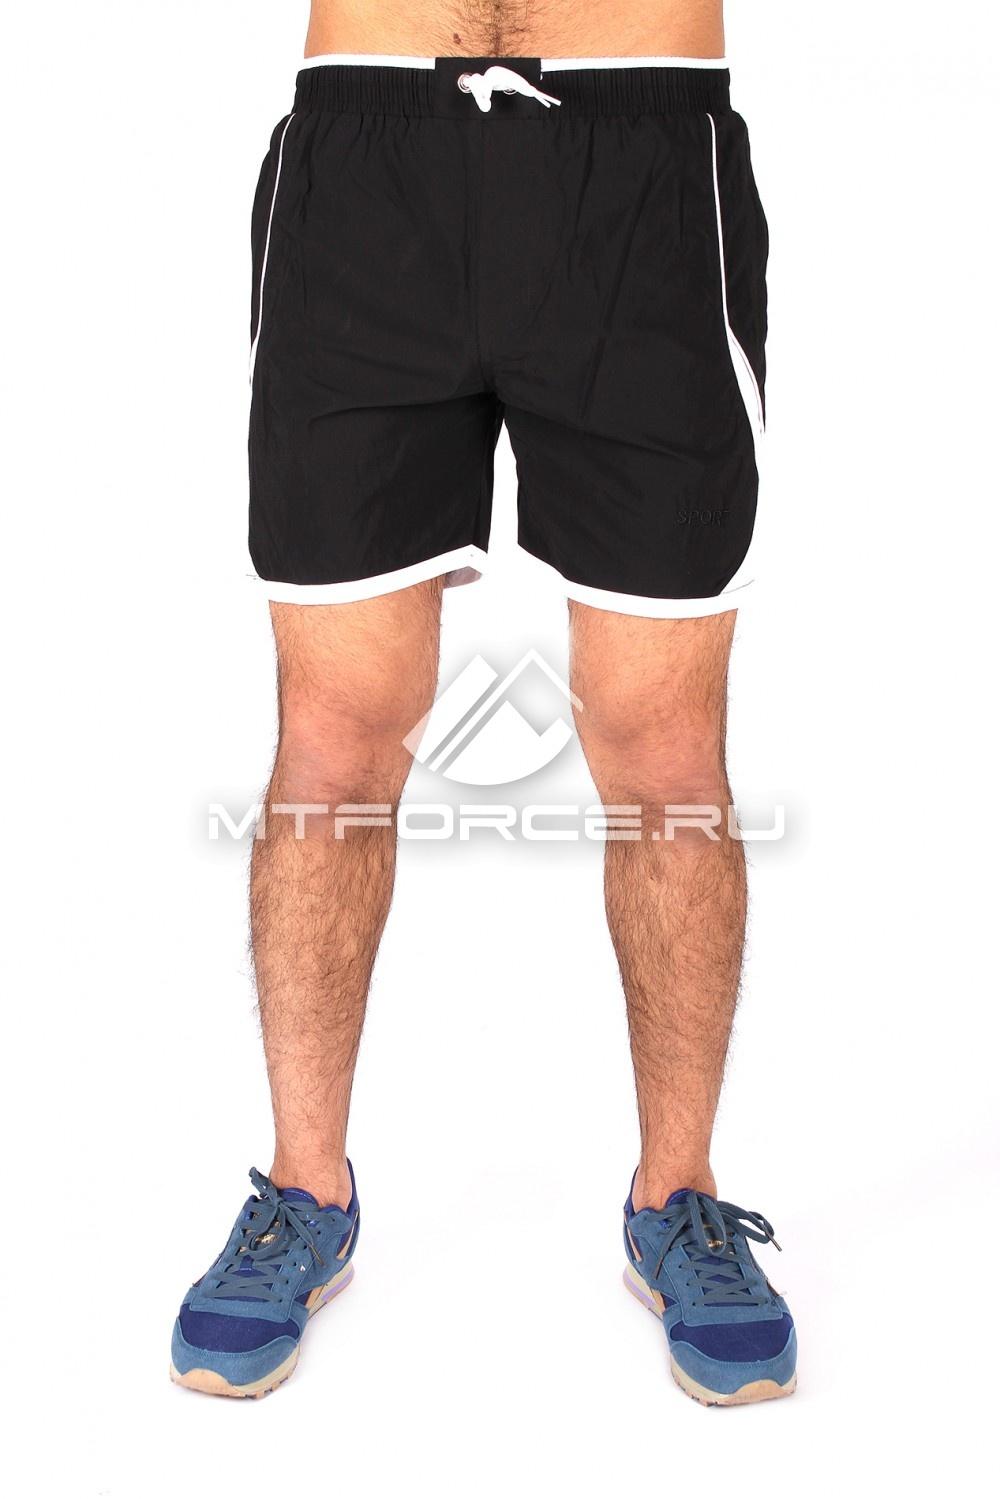 Купить                                  оптом Спортивные шорты черного цвета 512Ch